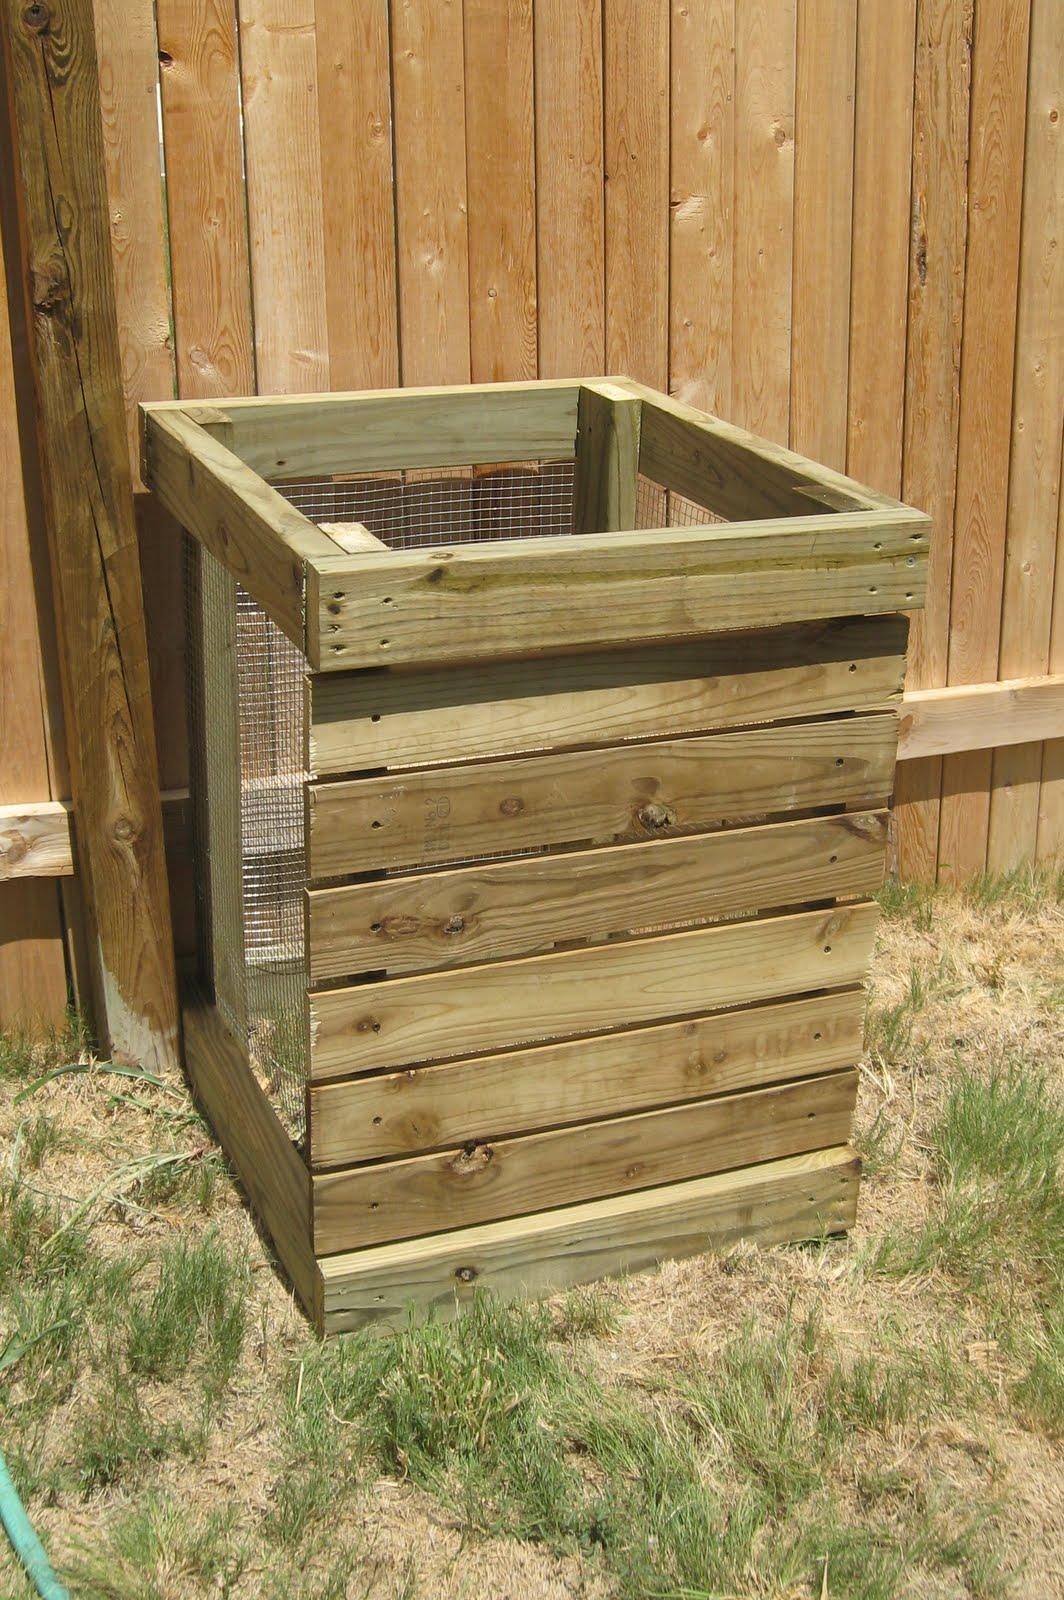 Next to Heaven DIY Compost Bin